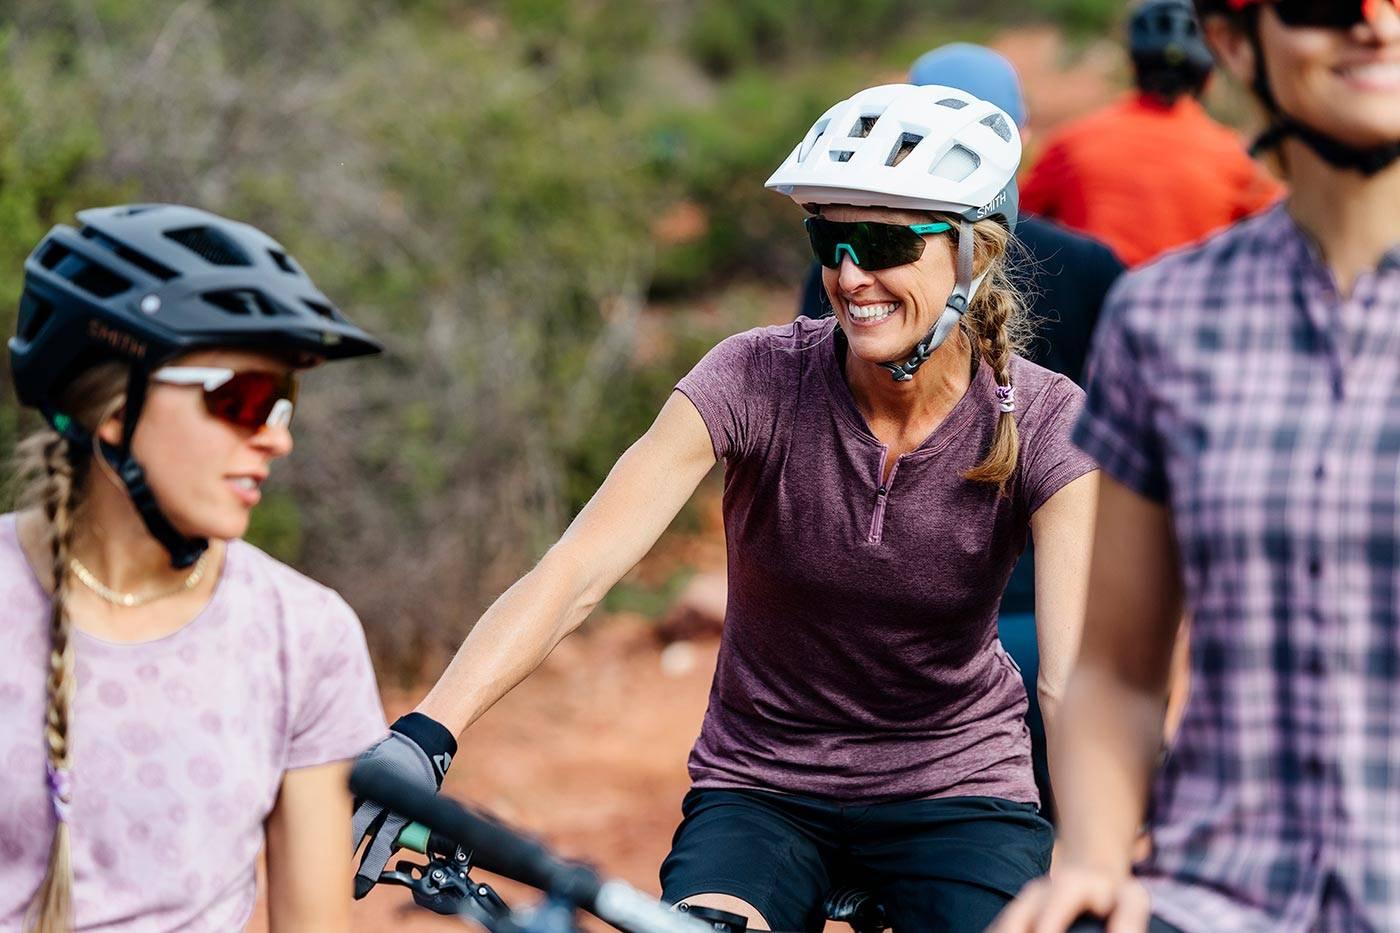 women's bike jersey